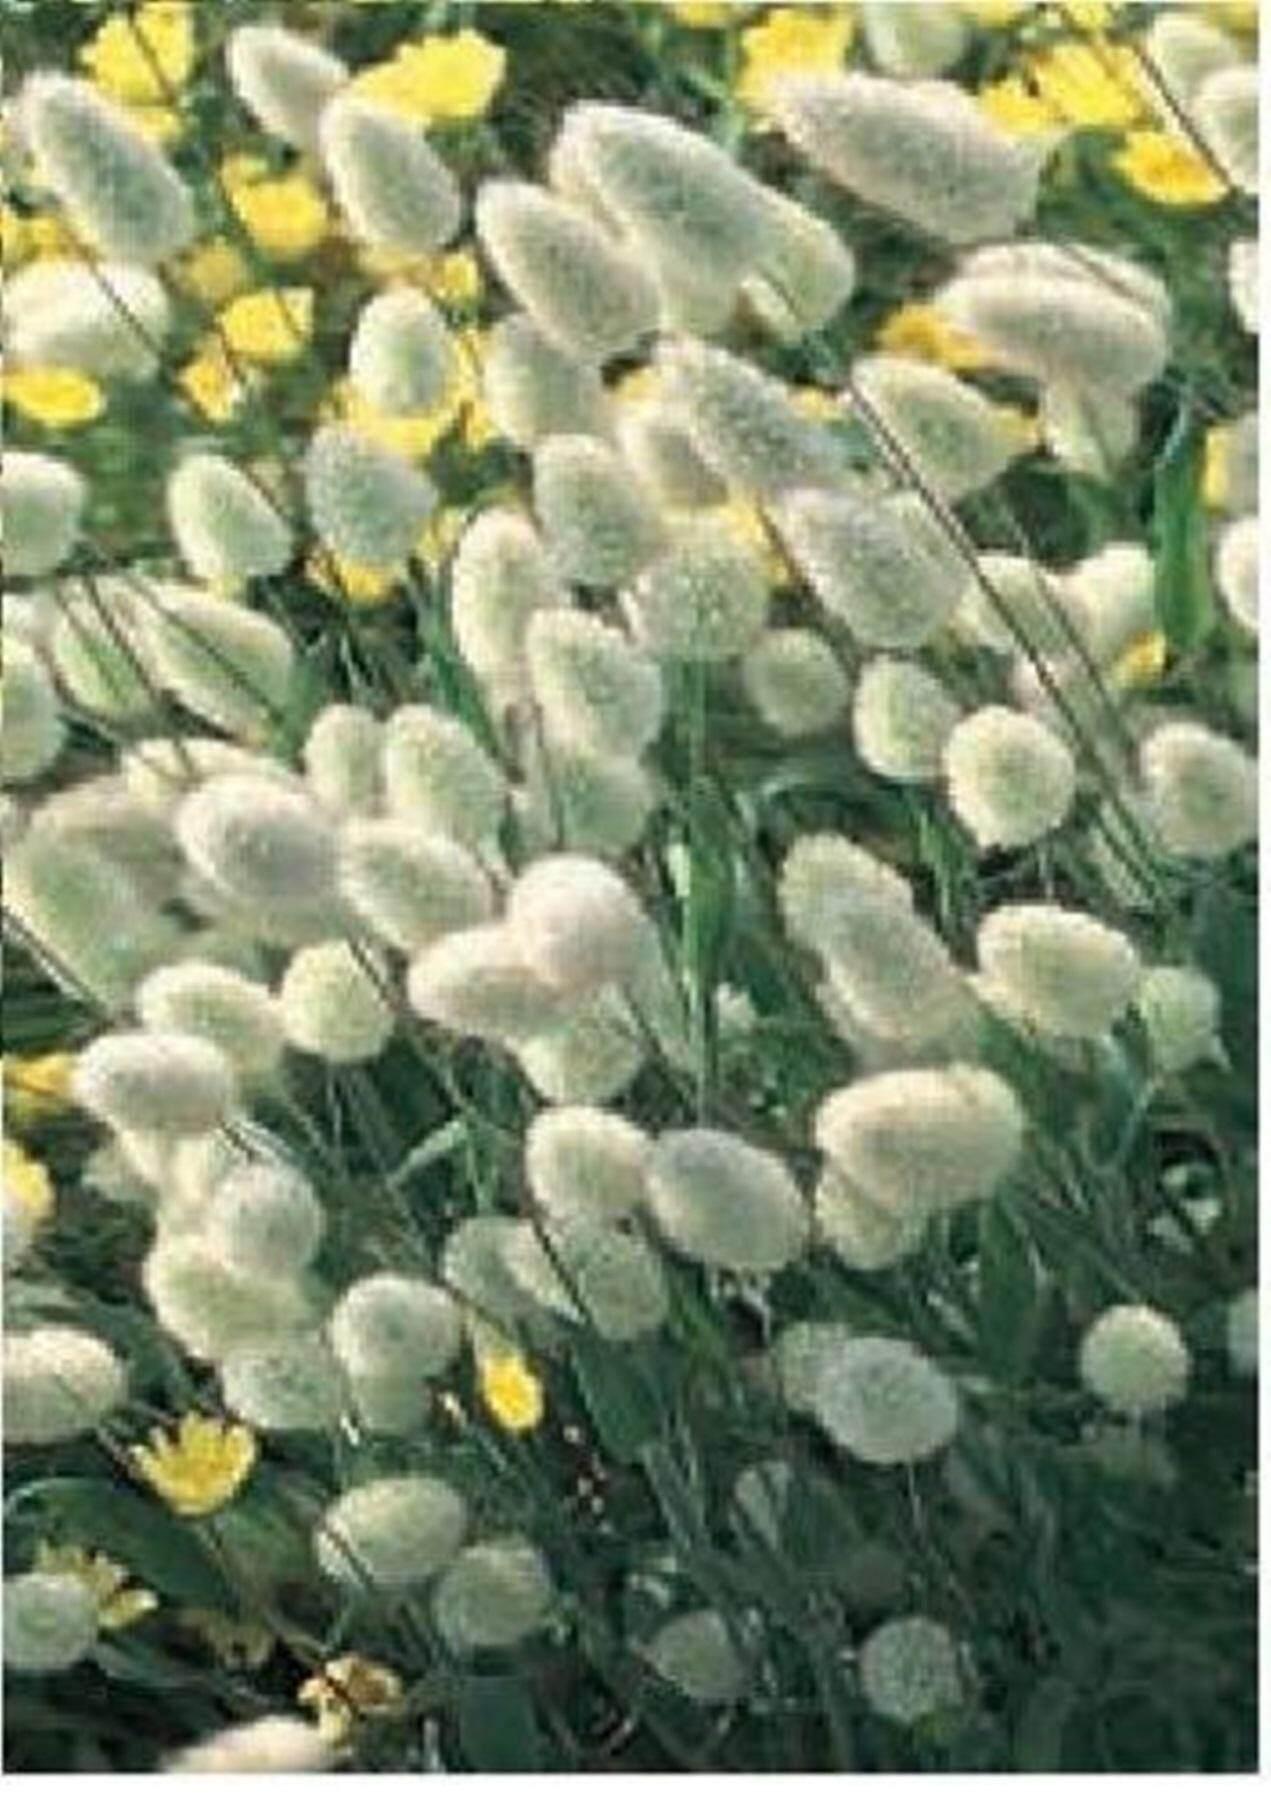 ขายส่ง 100 เมล็ด เมล็ดพันธุ์หญ้าหางกระต่าย Bunny Tails Grass เมล็ดพันธุ์นำเข้า ต้นไม้และเมล็ดพันธุ์ เมล็ดพันธุ์พืช หญ้าหางกระต่าย คละสี หญ้าประดับ เมล็ดพันธุ์ไม้ดอก-ไม้ประดับ Seedsflowering-Ornamentalplants หญ้า หญ้าแดง ดอกไม้แห้ง ดอกหญ้าแห้ง พืชเศรษฐกิจ By Artistic.